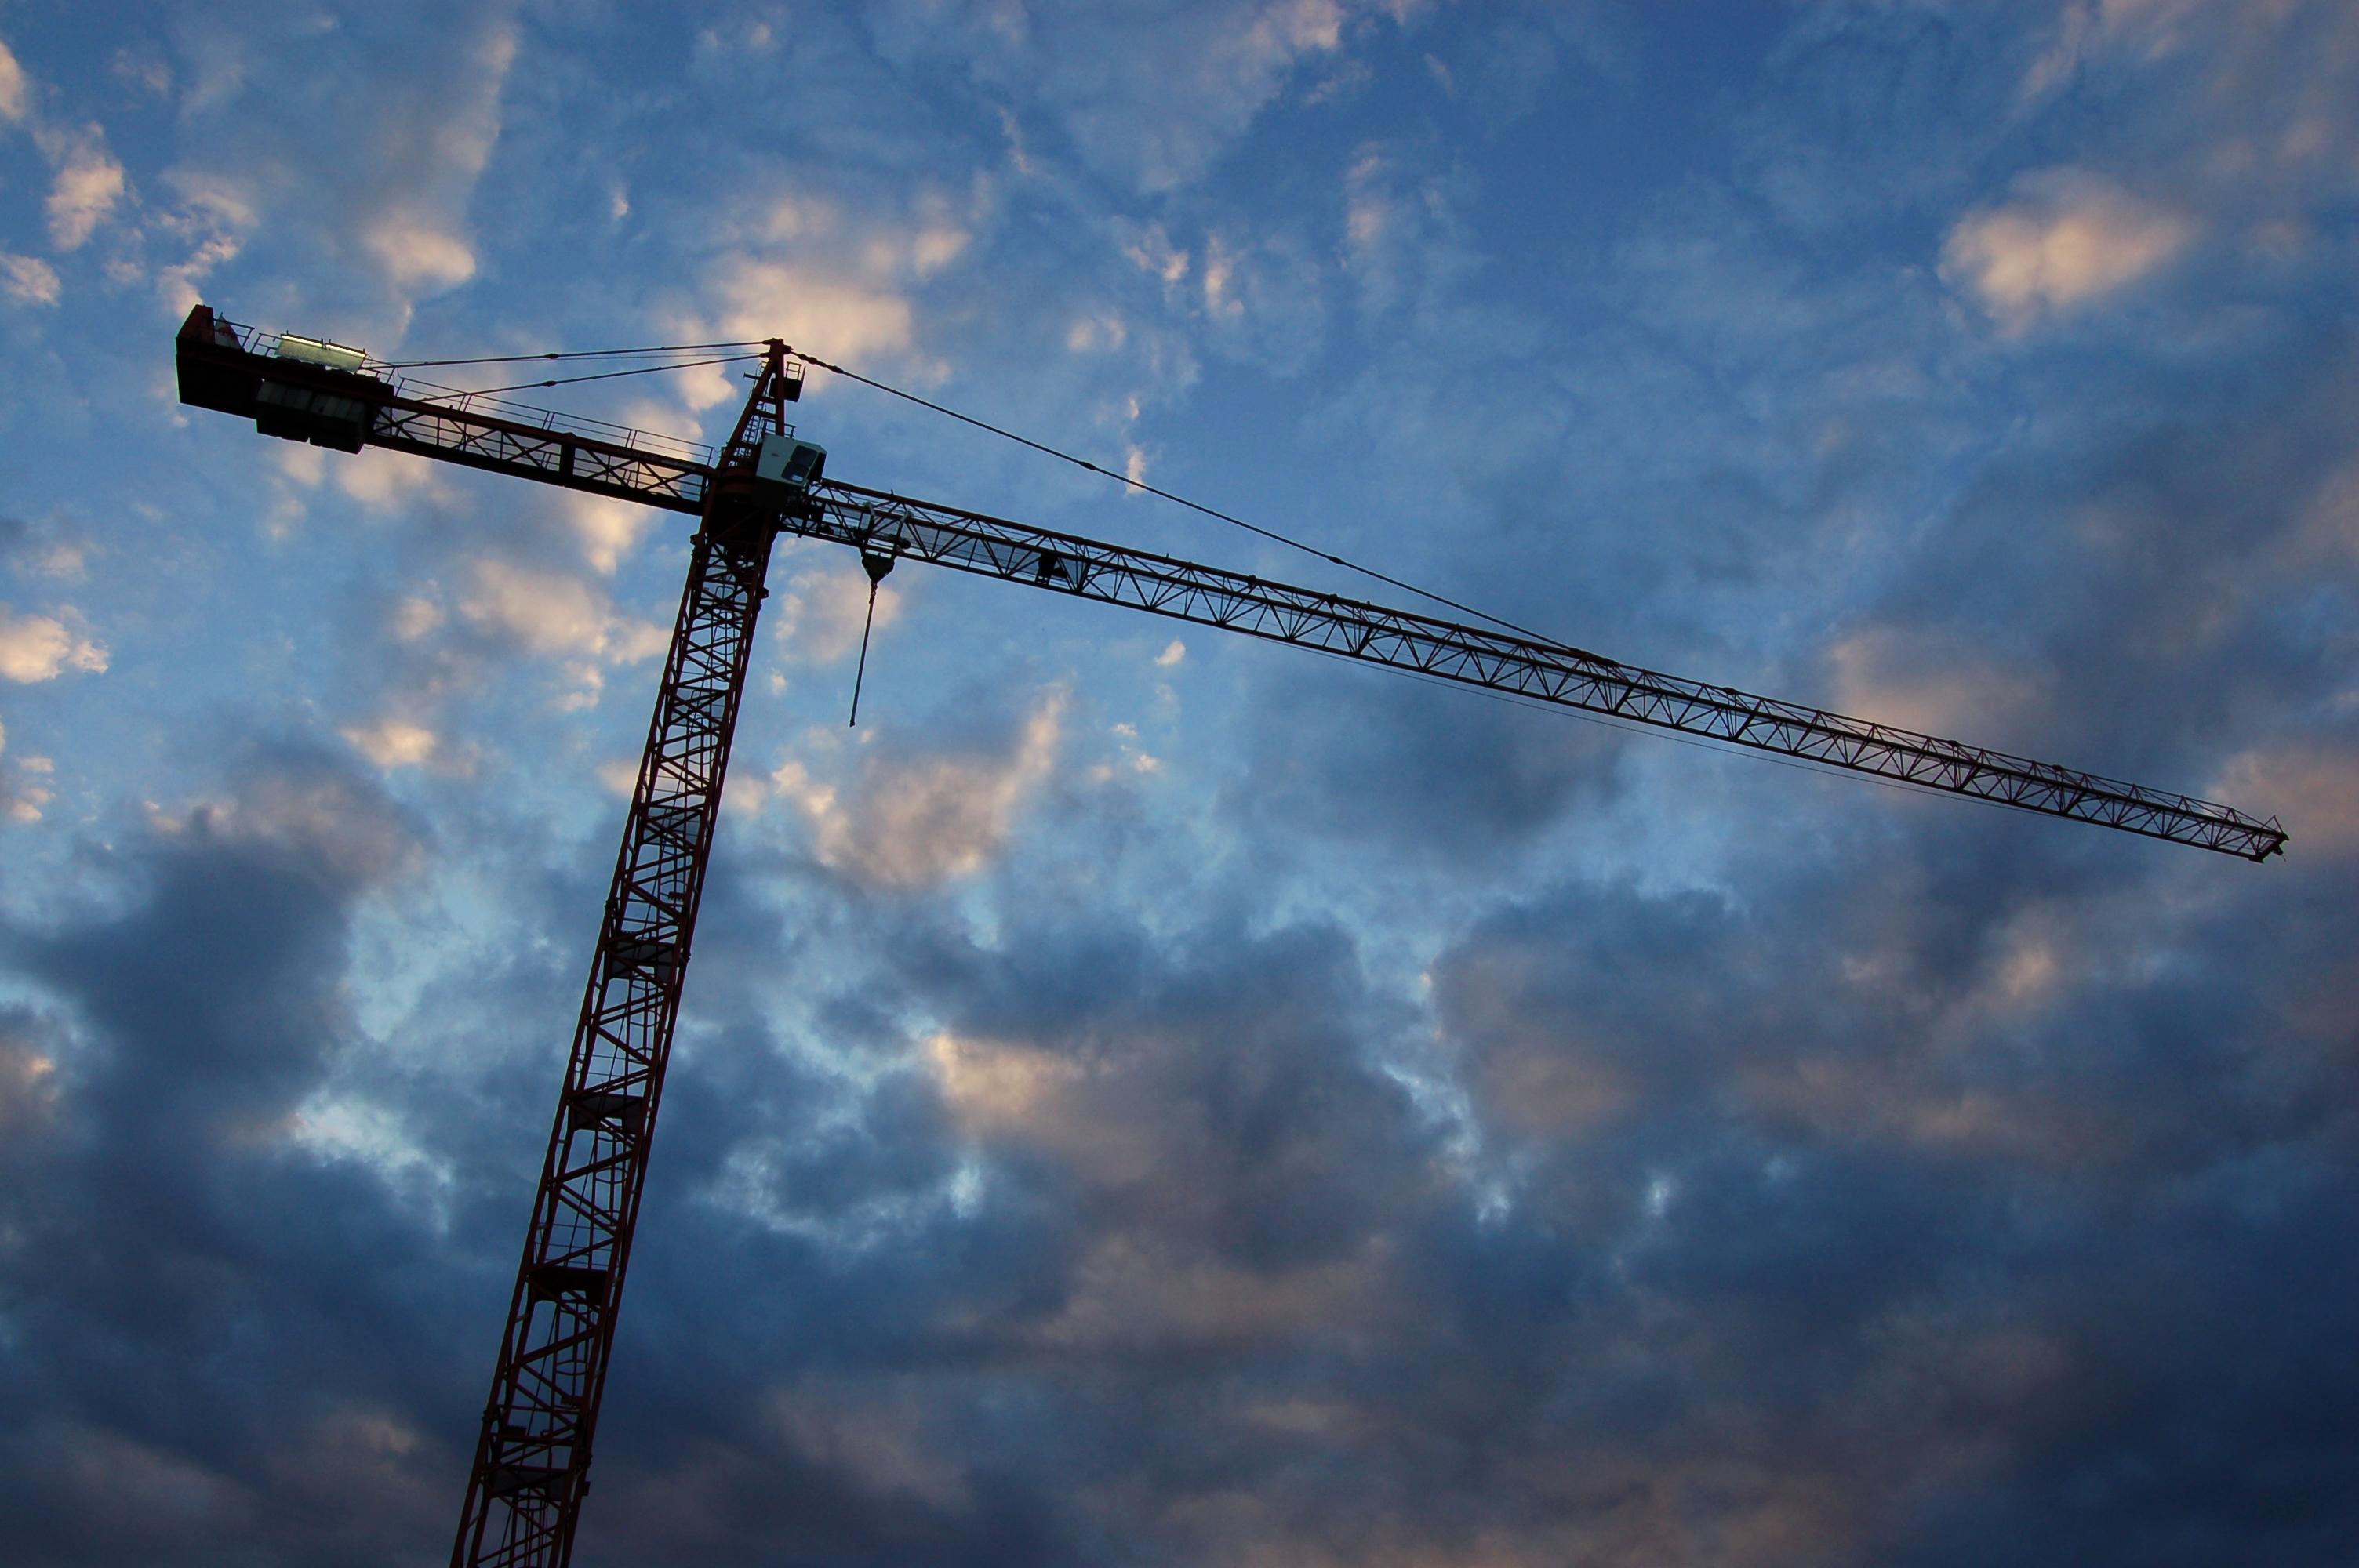 Bildresultat för crane